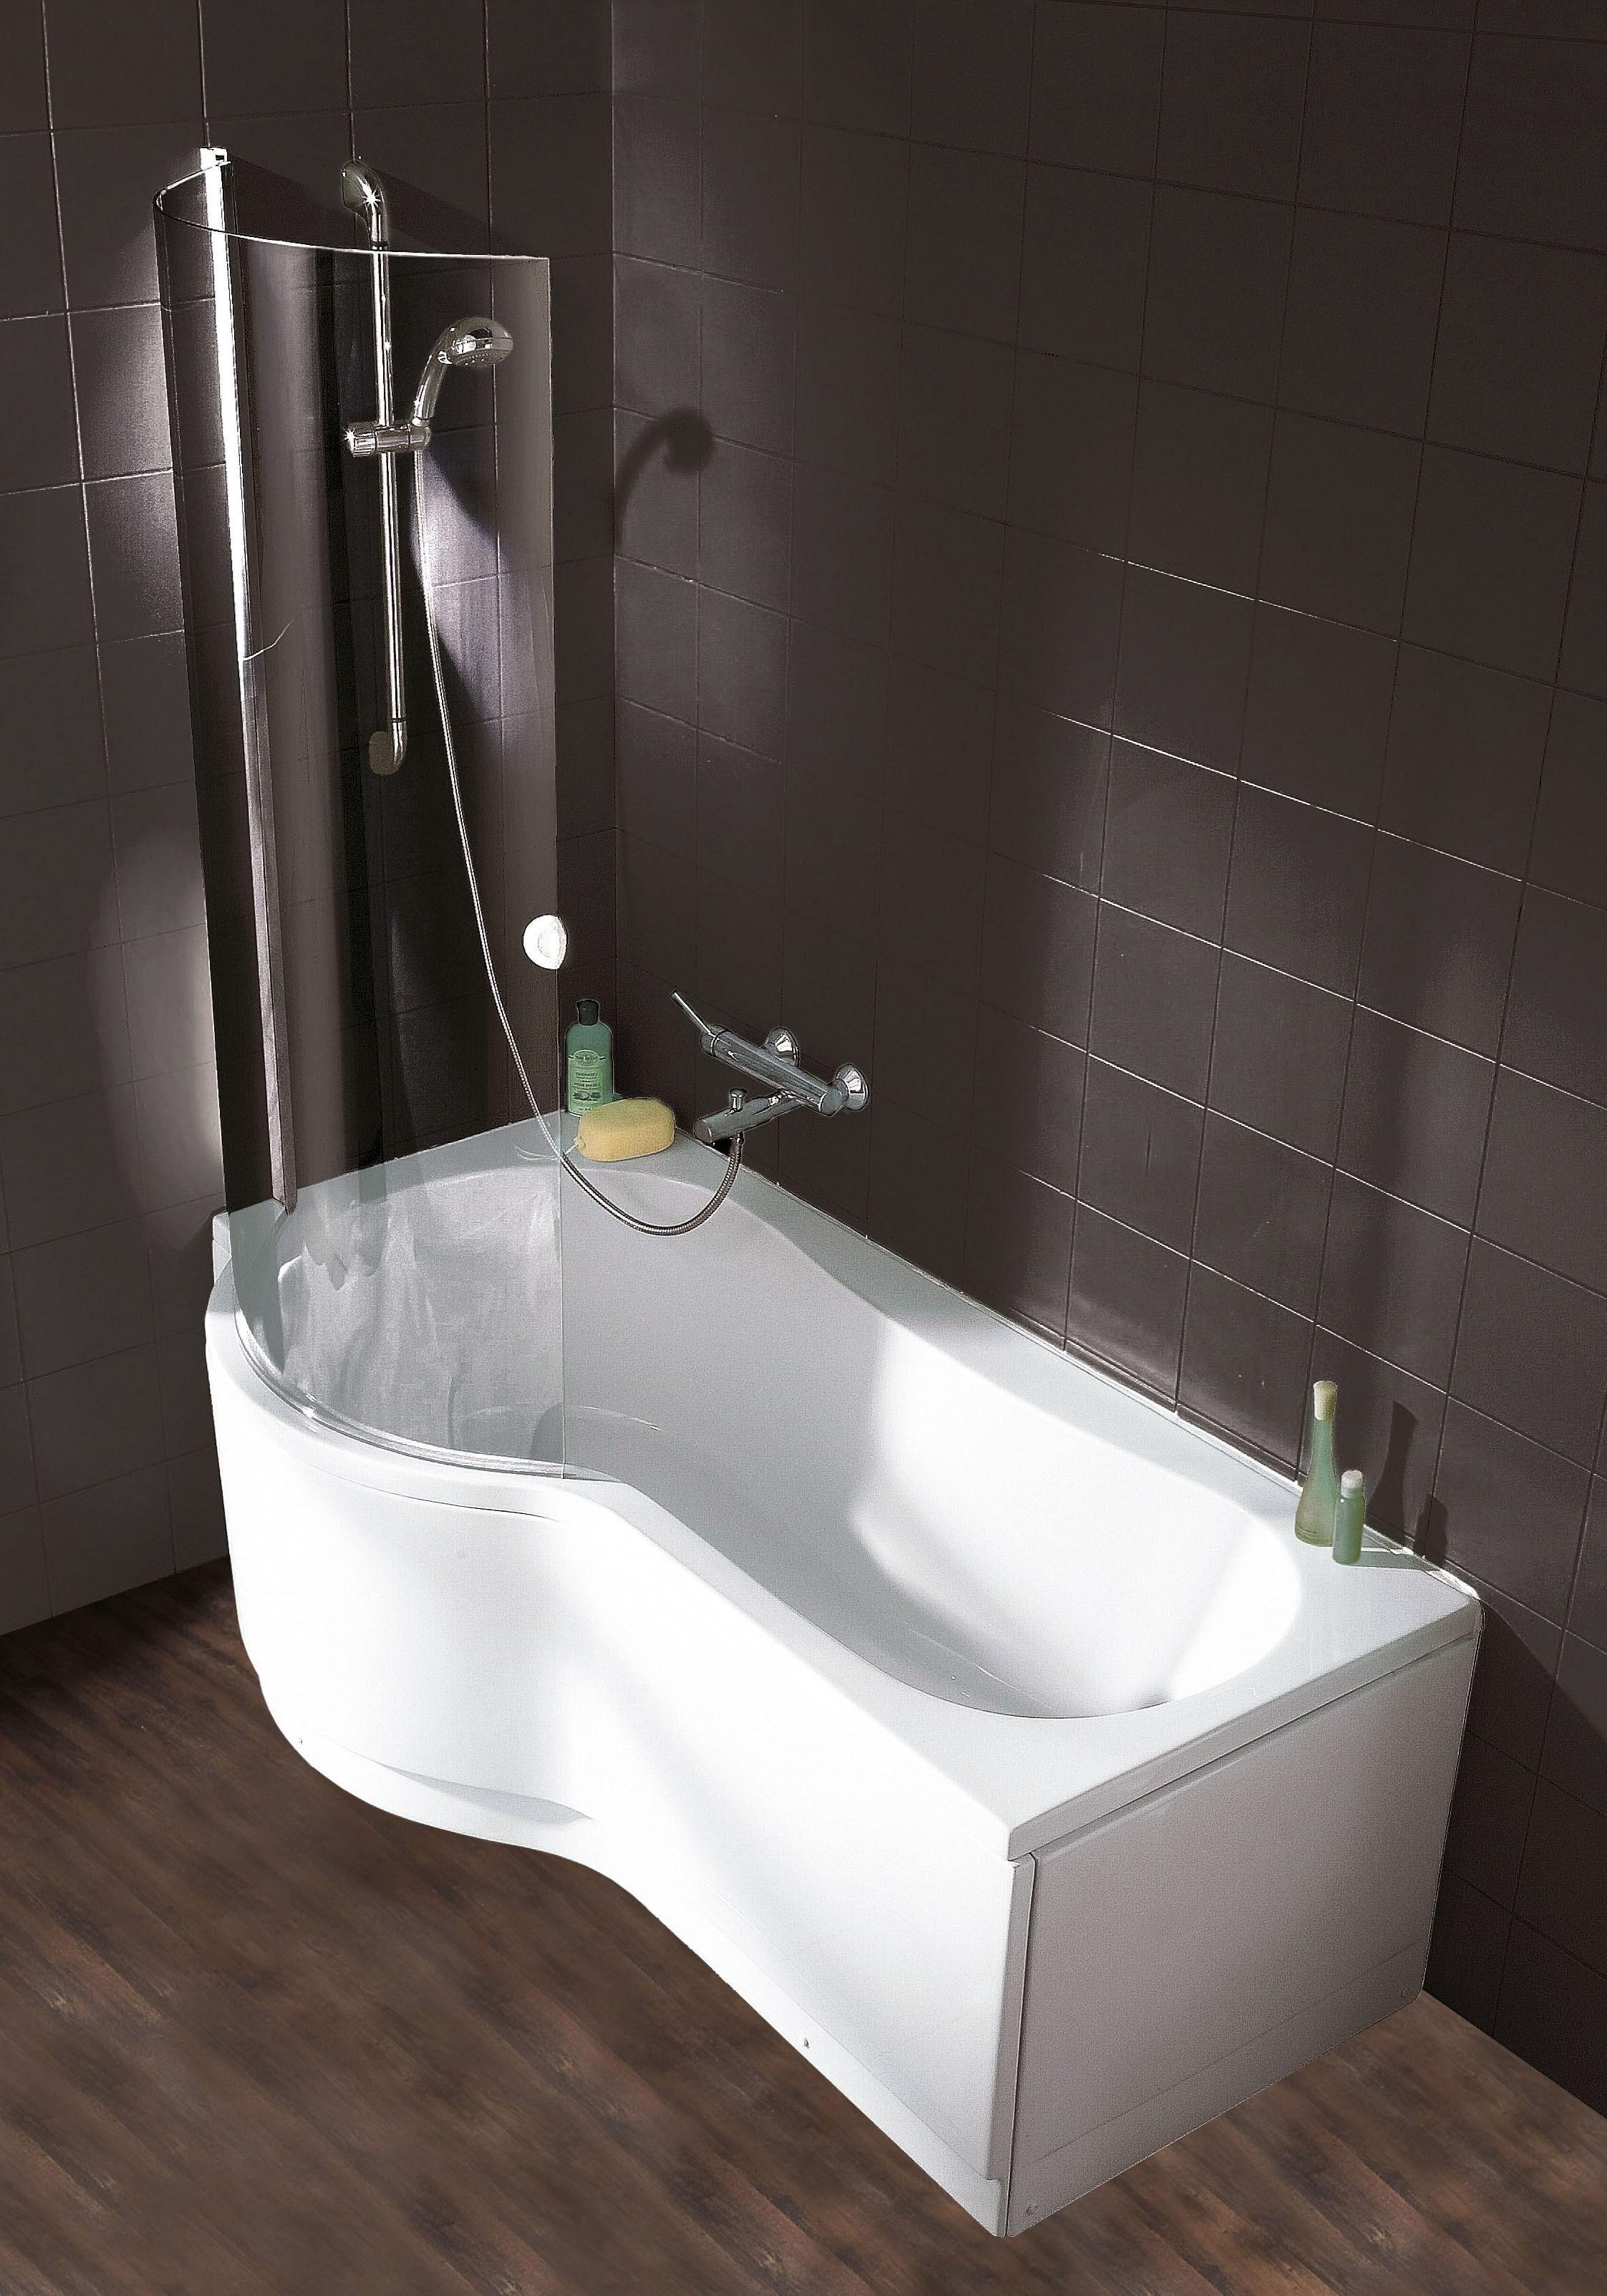 weiss-sicherheitsglas Whirlpools online kaufen | Möbel ...